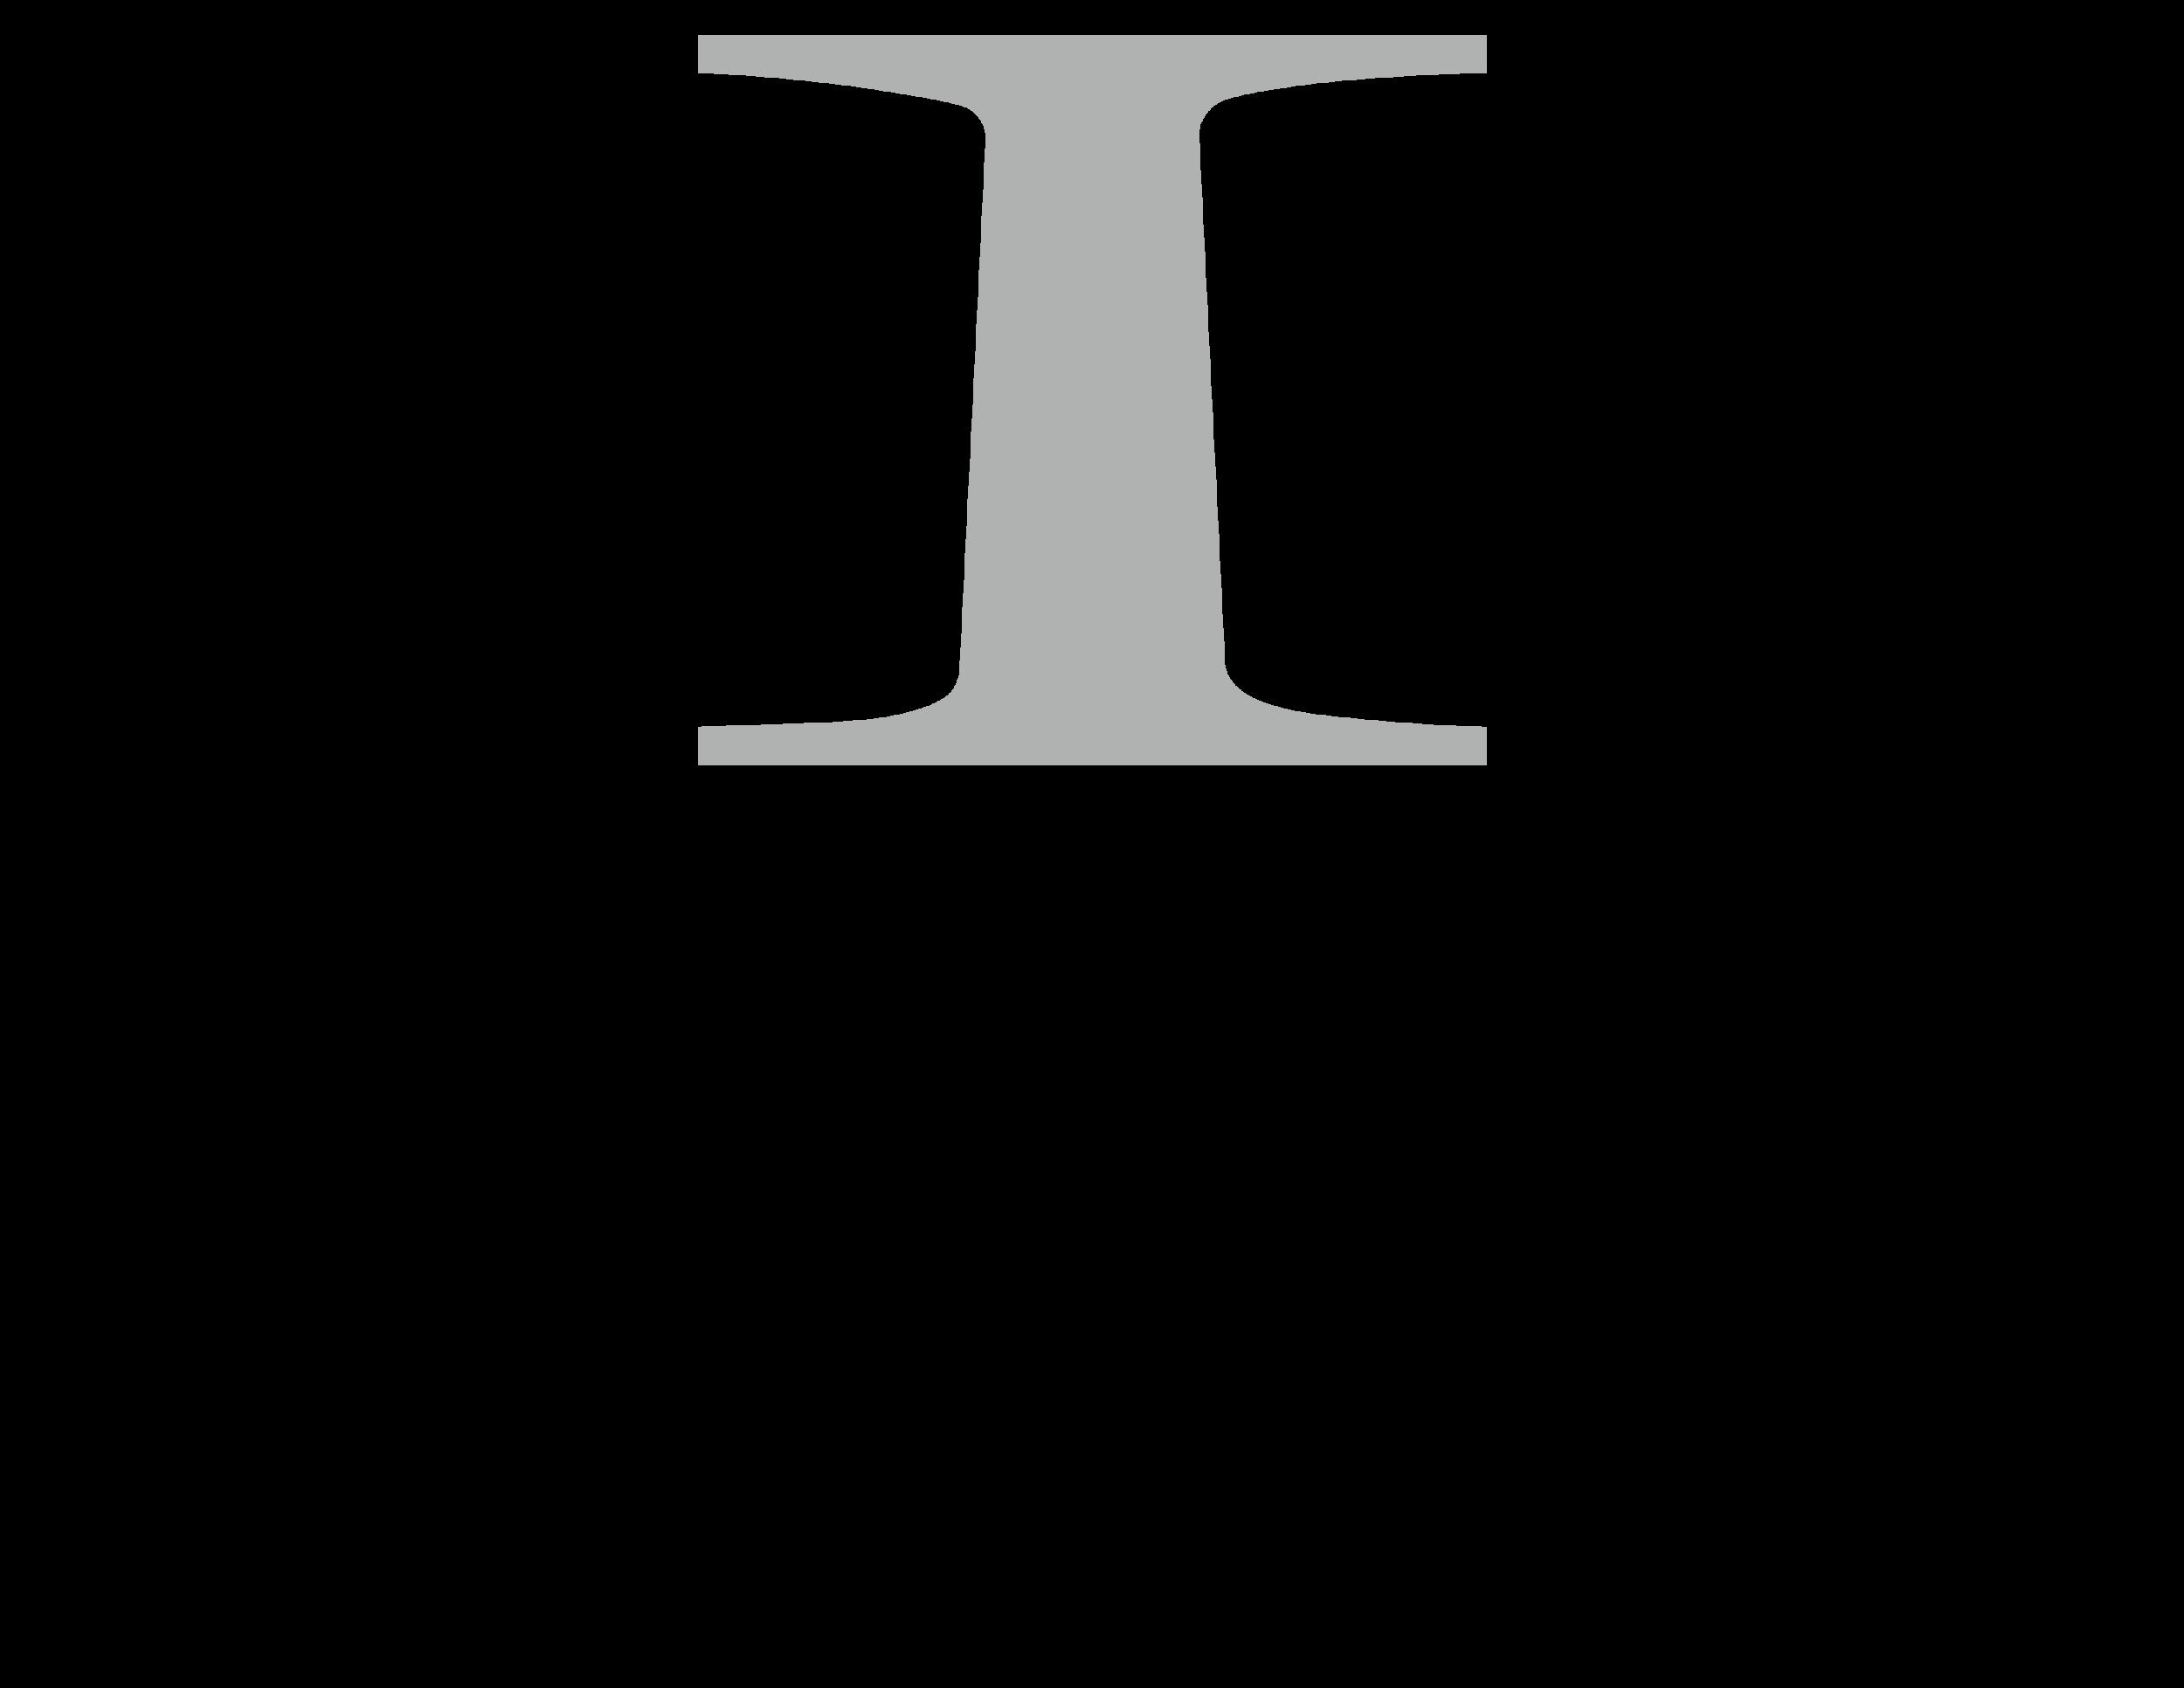 image logo .png